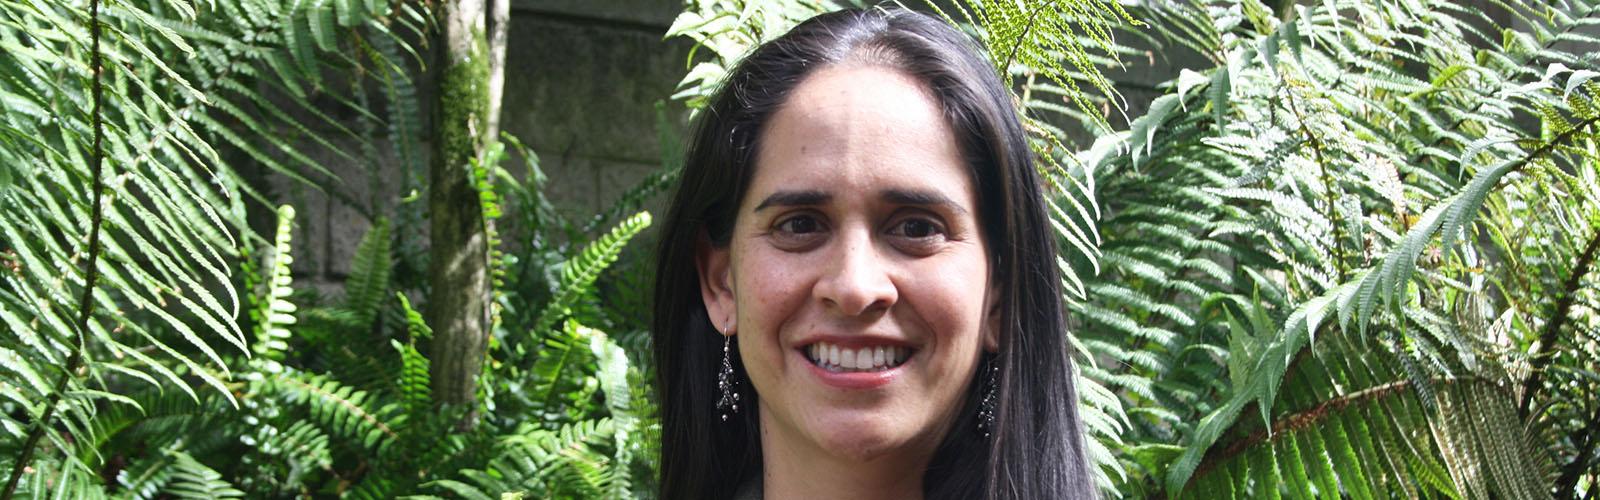 Ángela María Yepes Sánchez, nueva directora del Consultorio Jurídico